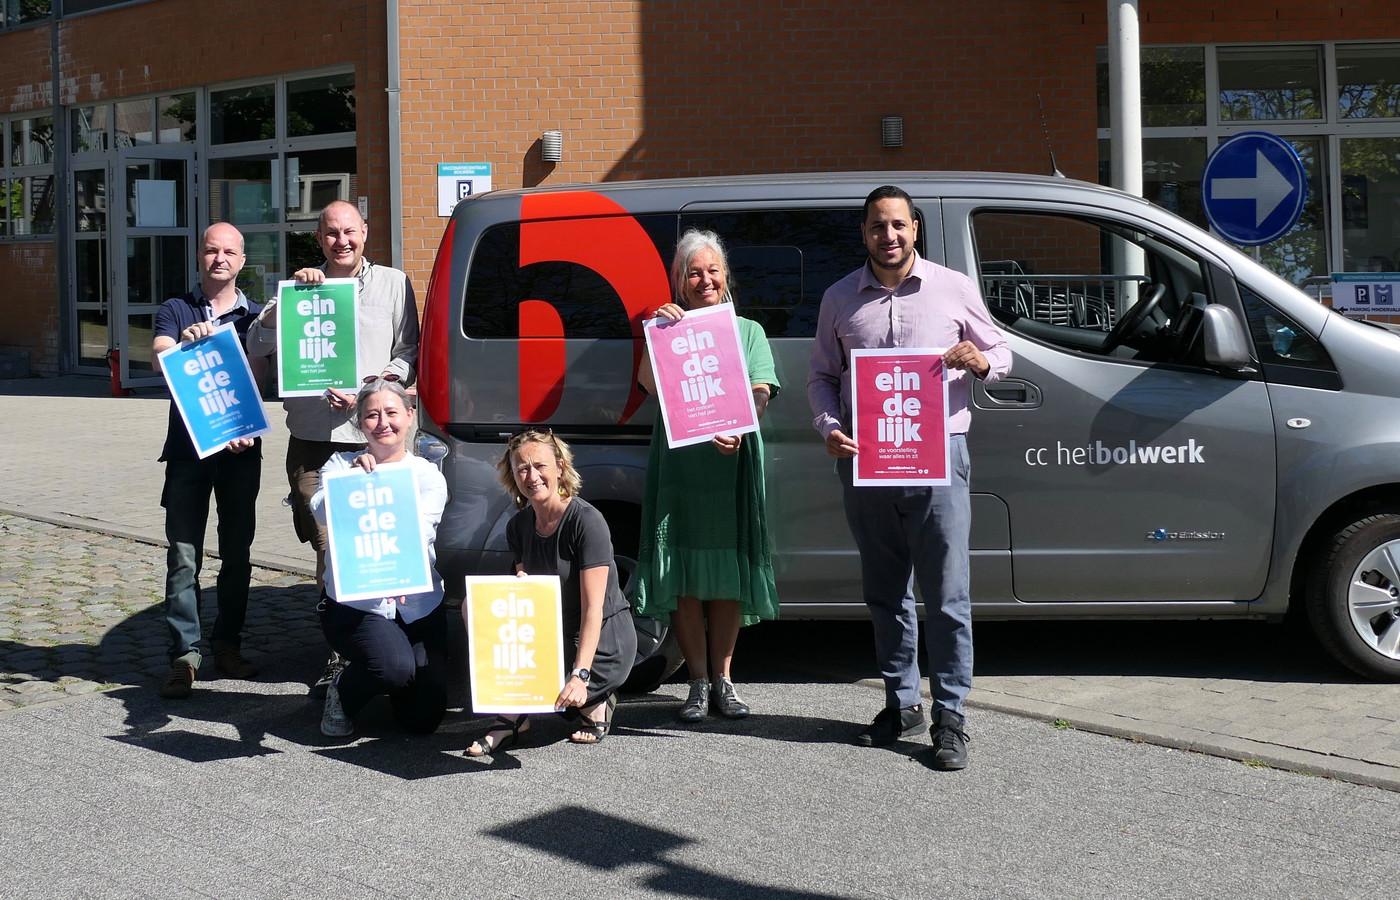 Bolwerk is klaar om uit te vliegen: CC op Tournee Van links naar rechts: Roel Van Tilborgh, David Liekens, Caroline Van Camp, Elke Van Neyghem, Andrea Fabre, Moad El Boudaati.